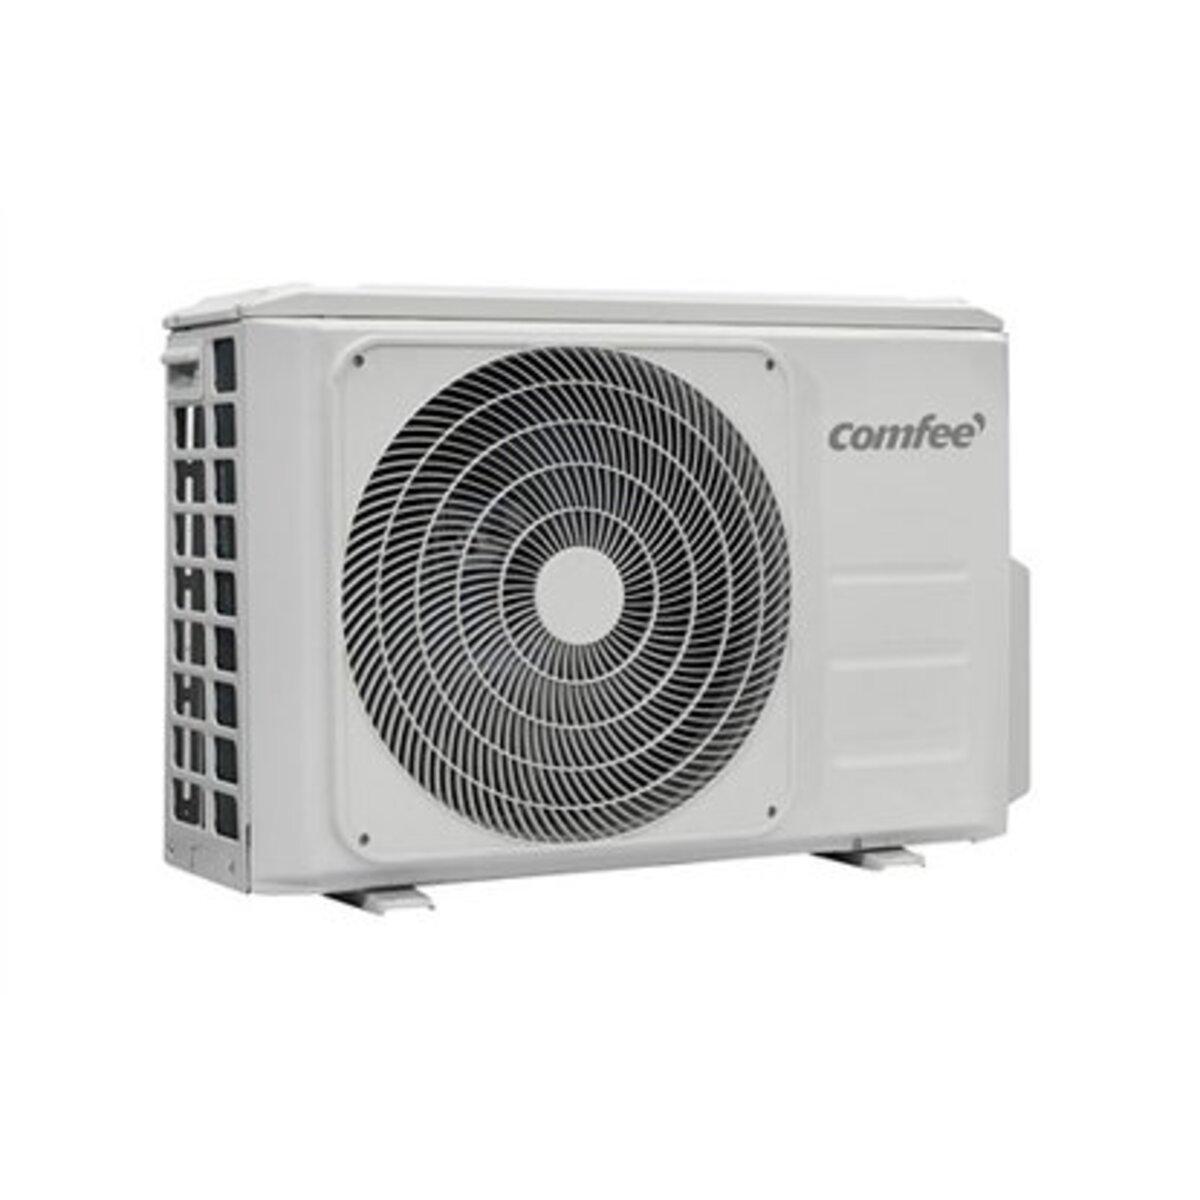 Bild 4 von Comfee Duo Split-Klimagerät 5,6 kW 18.000 BTU EEK: A+